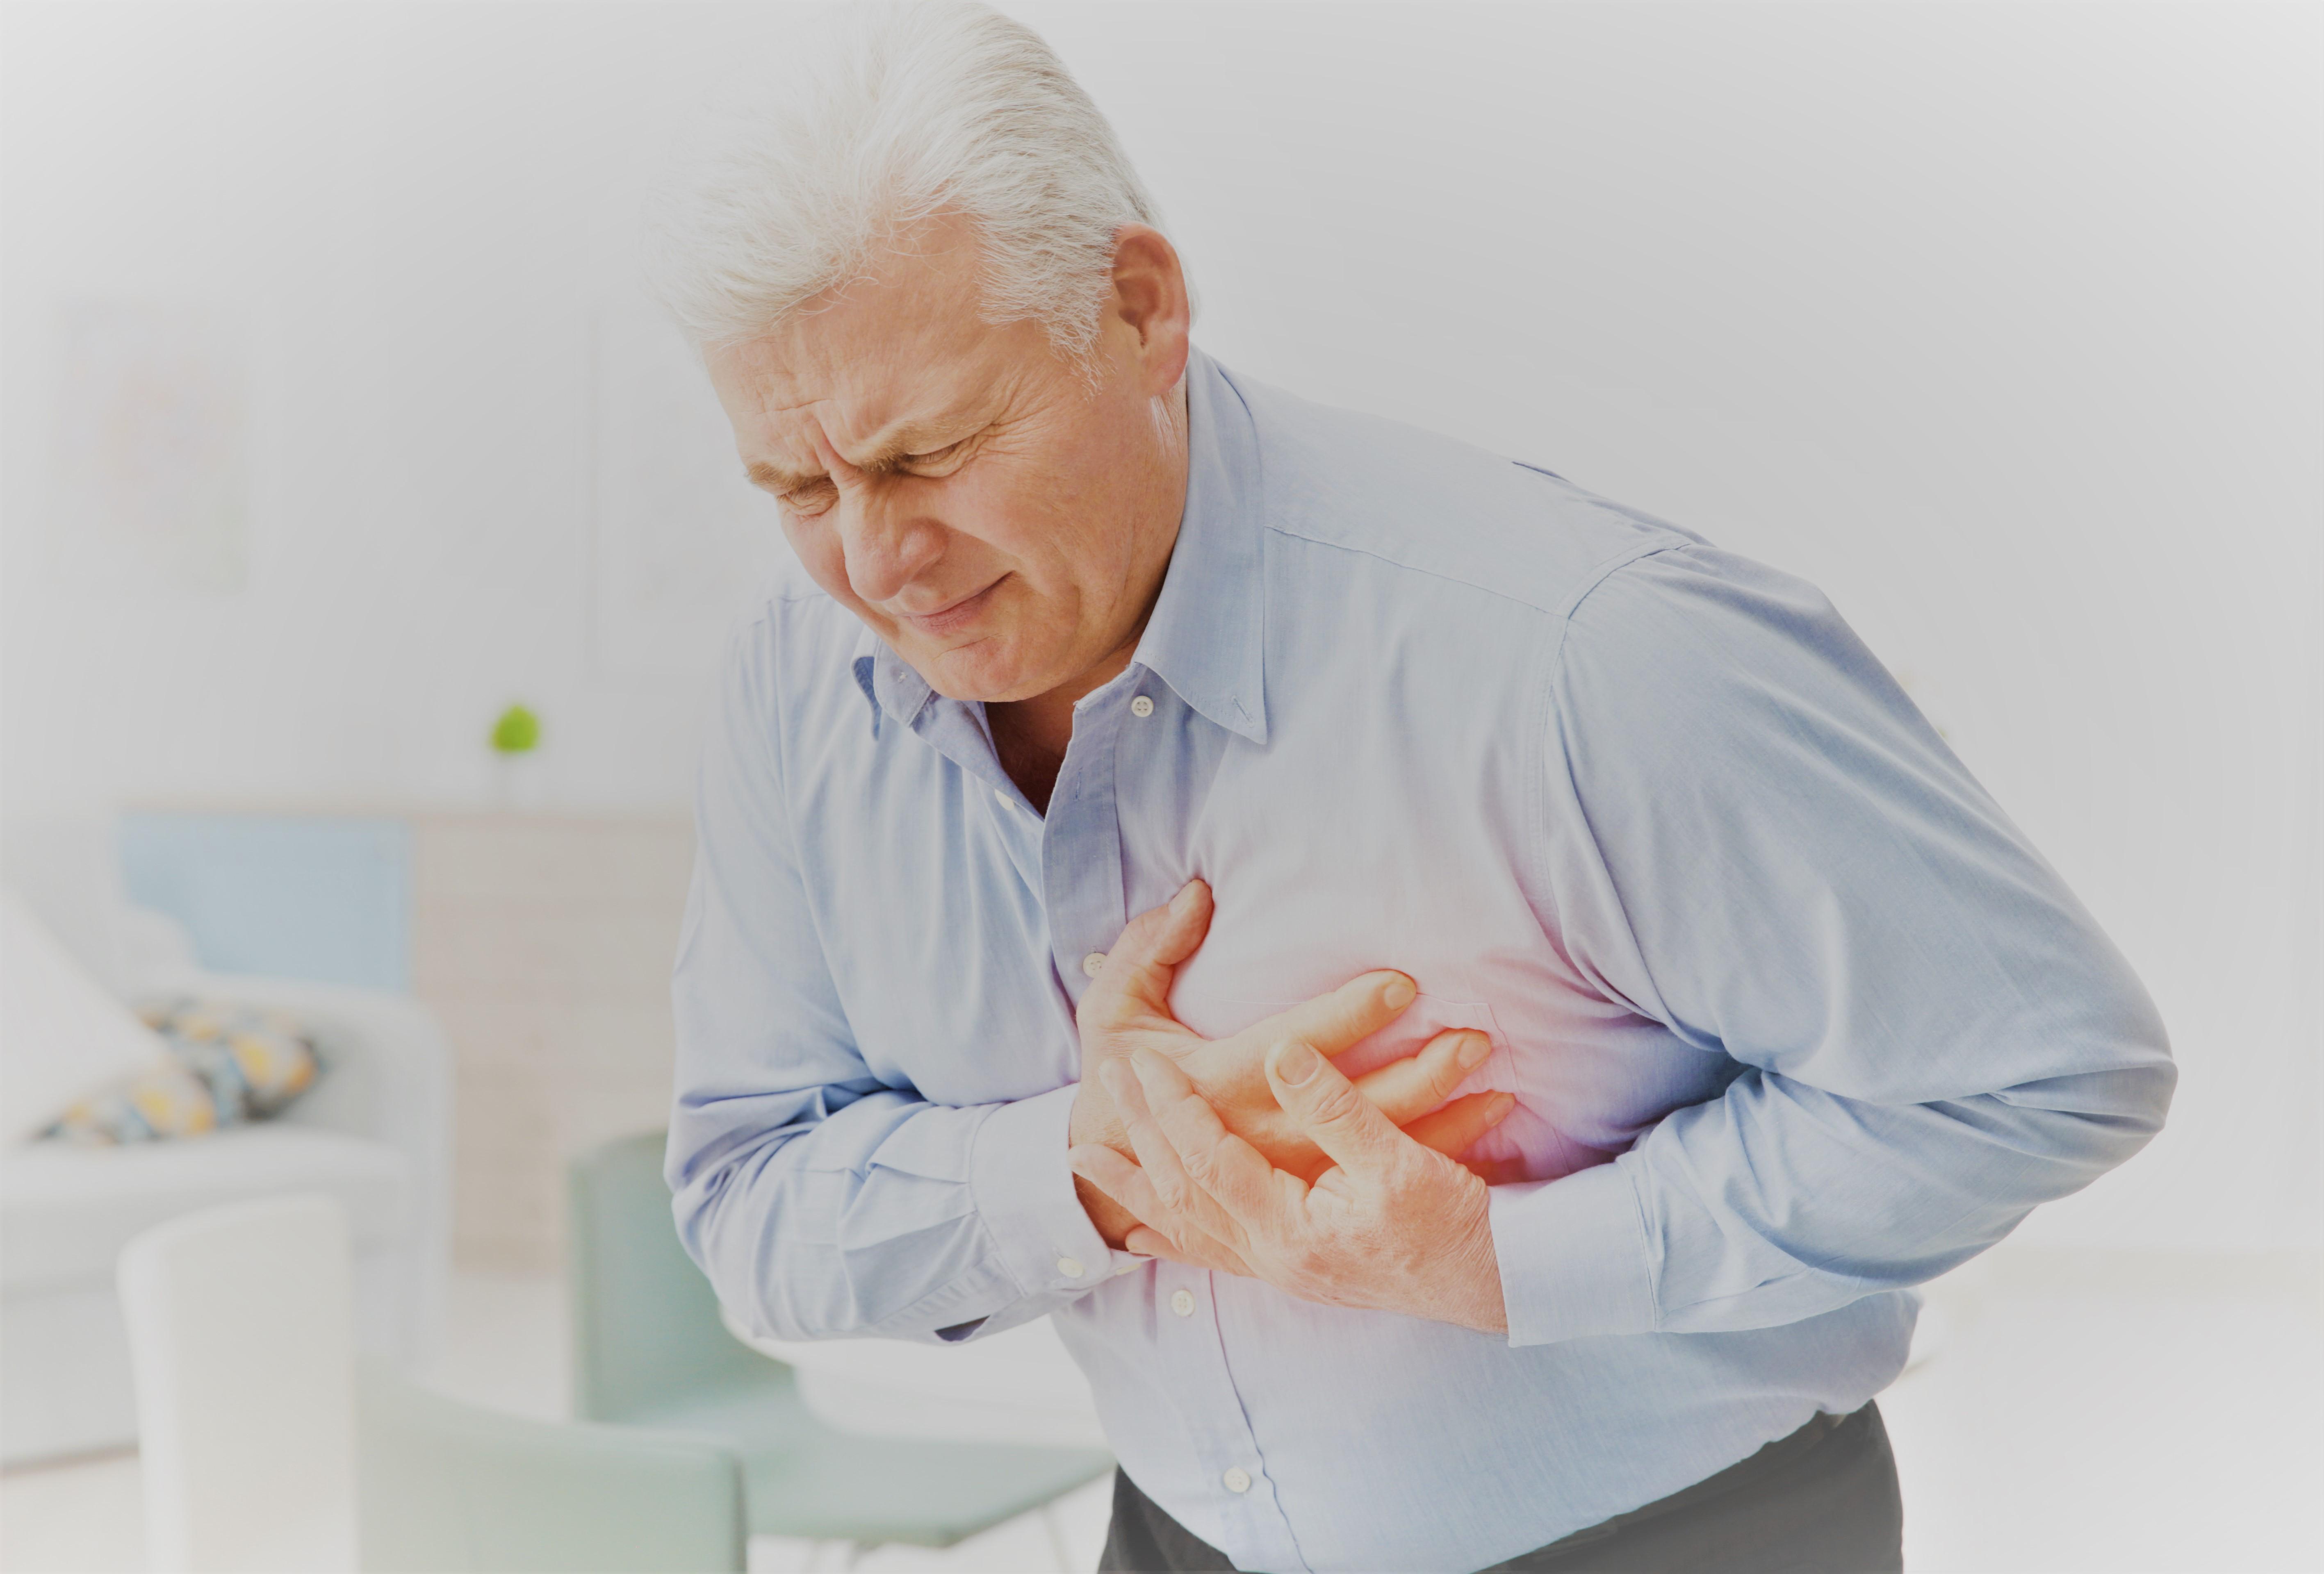 ízületi fájdalom a futópadon